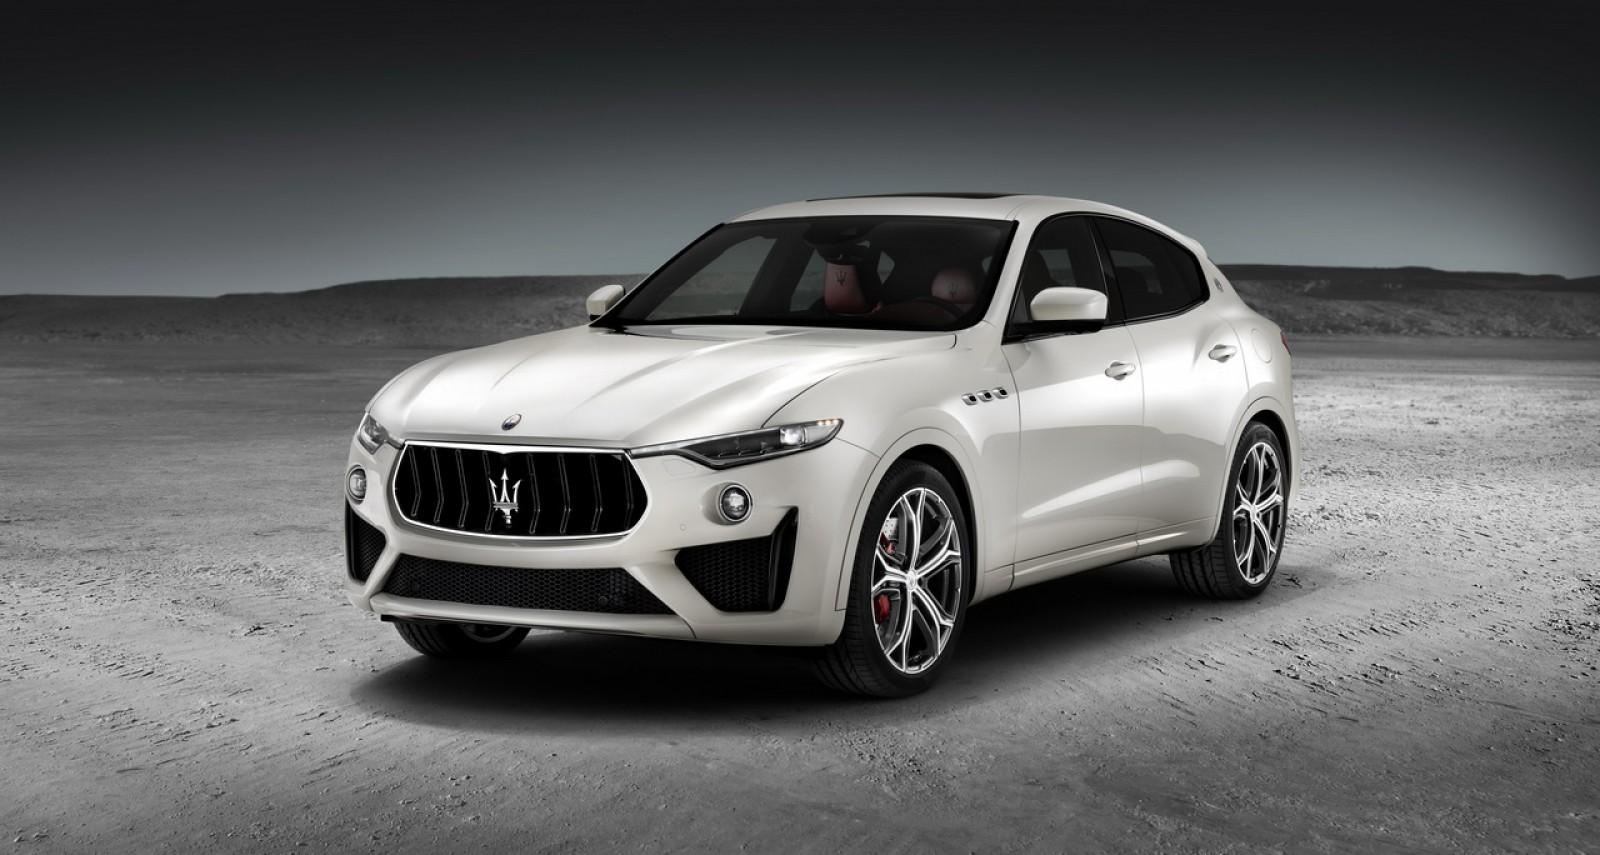 (video) Premieră la Goodwood: Noul Maserati Levante GTS şi actualizări pentru Ghibli și Quattroporte